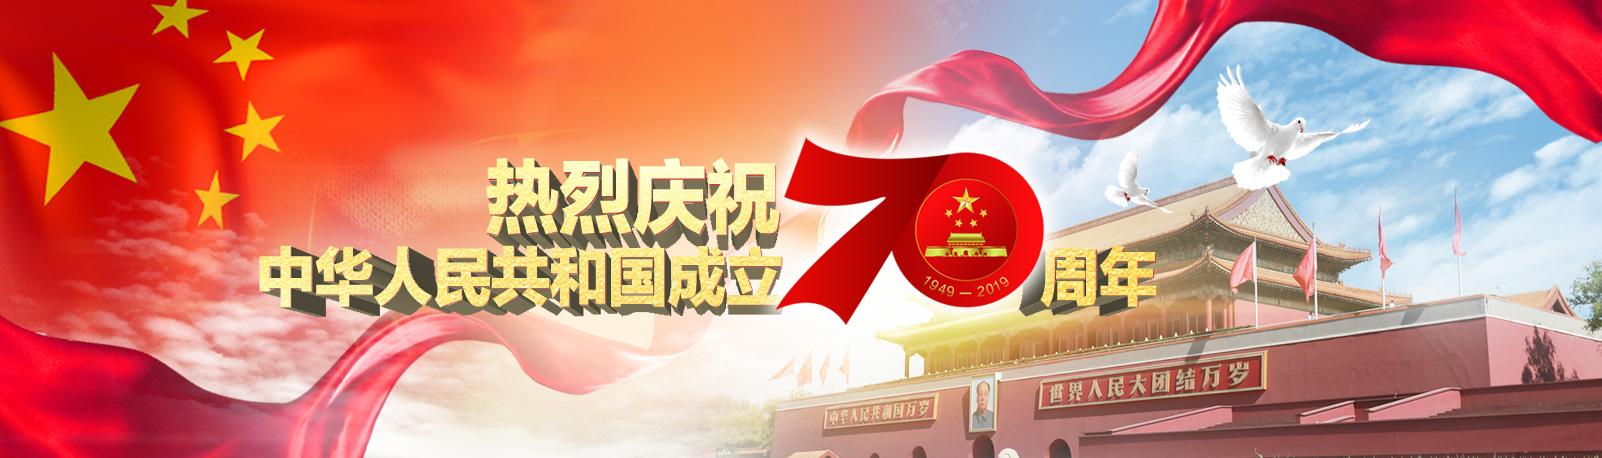 热烈庆祝中华人民共和国成立70周年——中国军视网网络专题